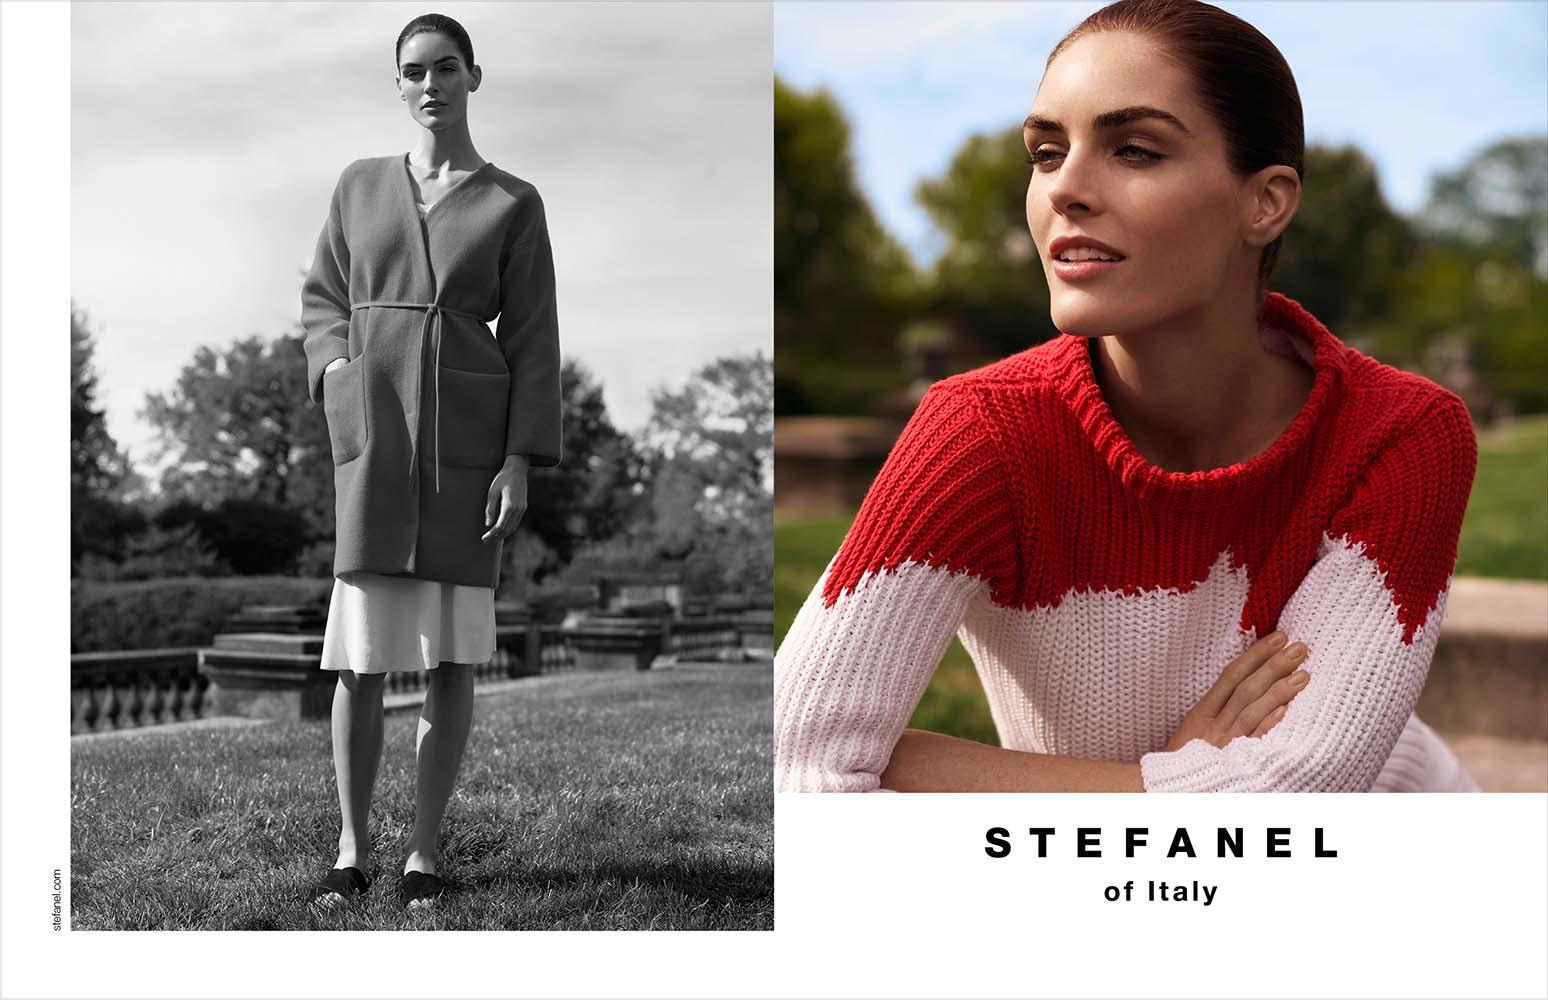 Stefanel by Benny Horne